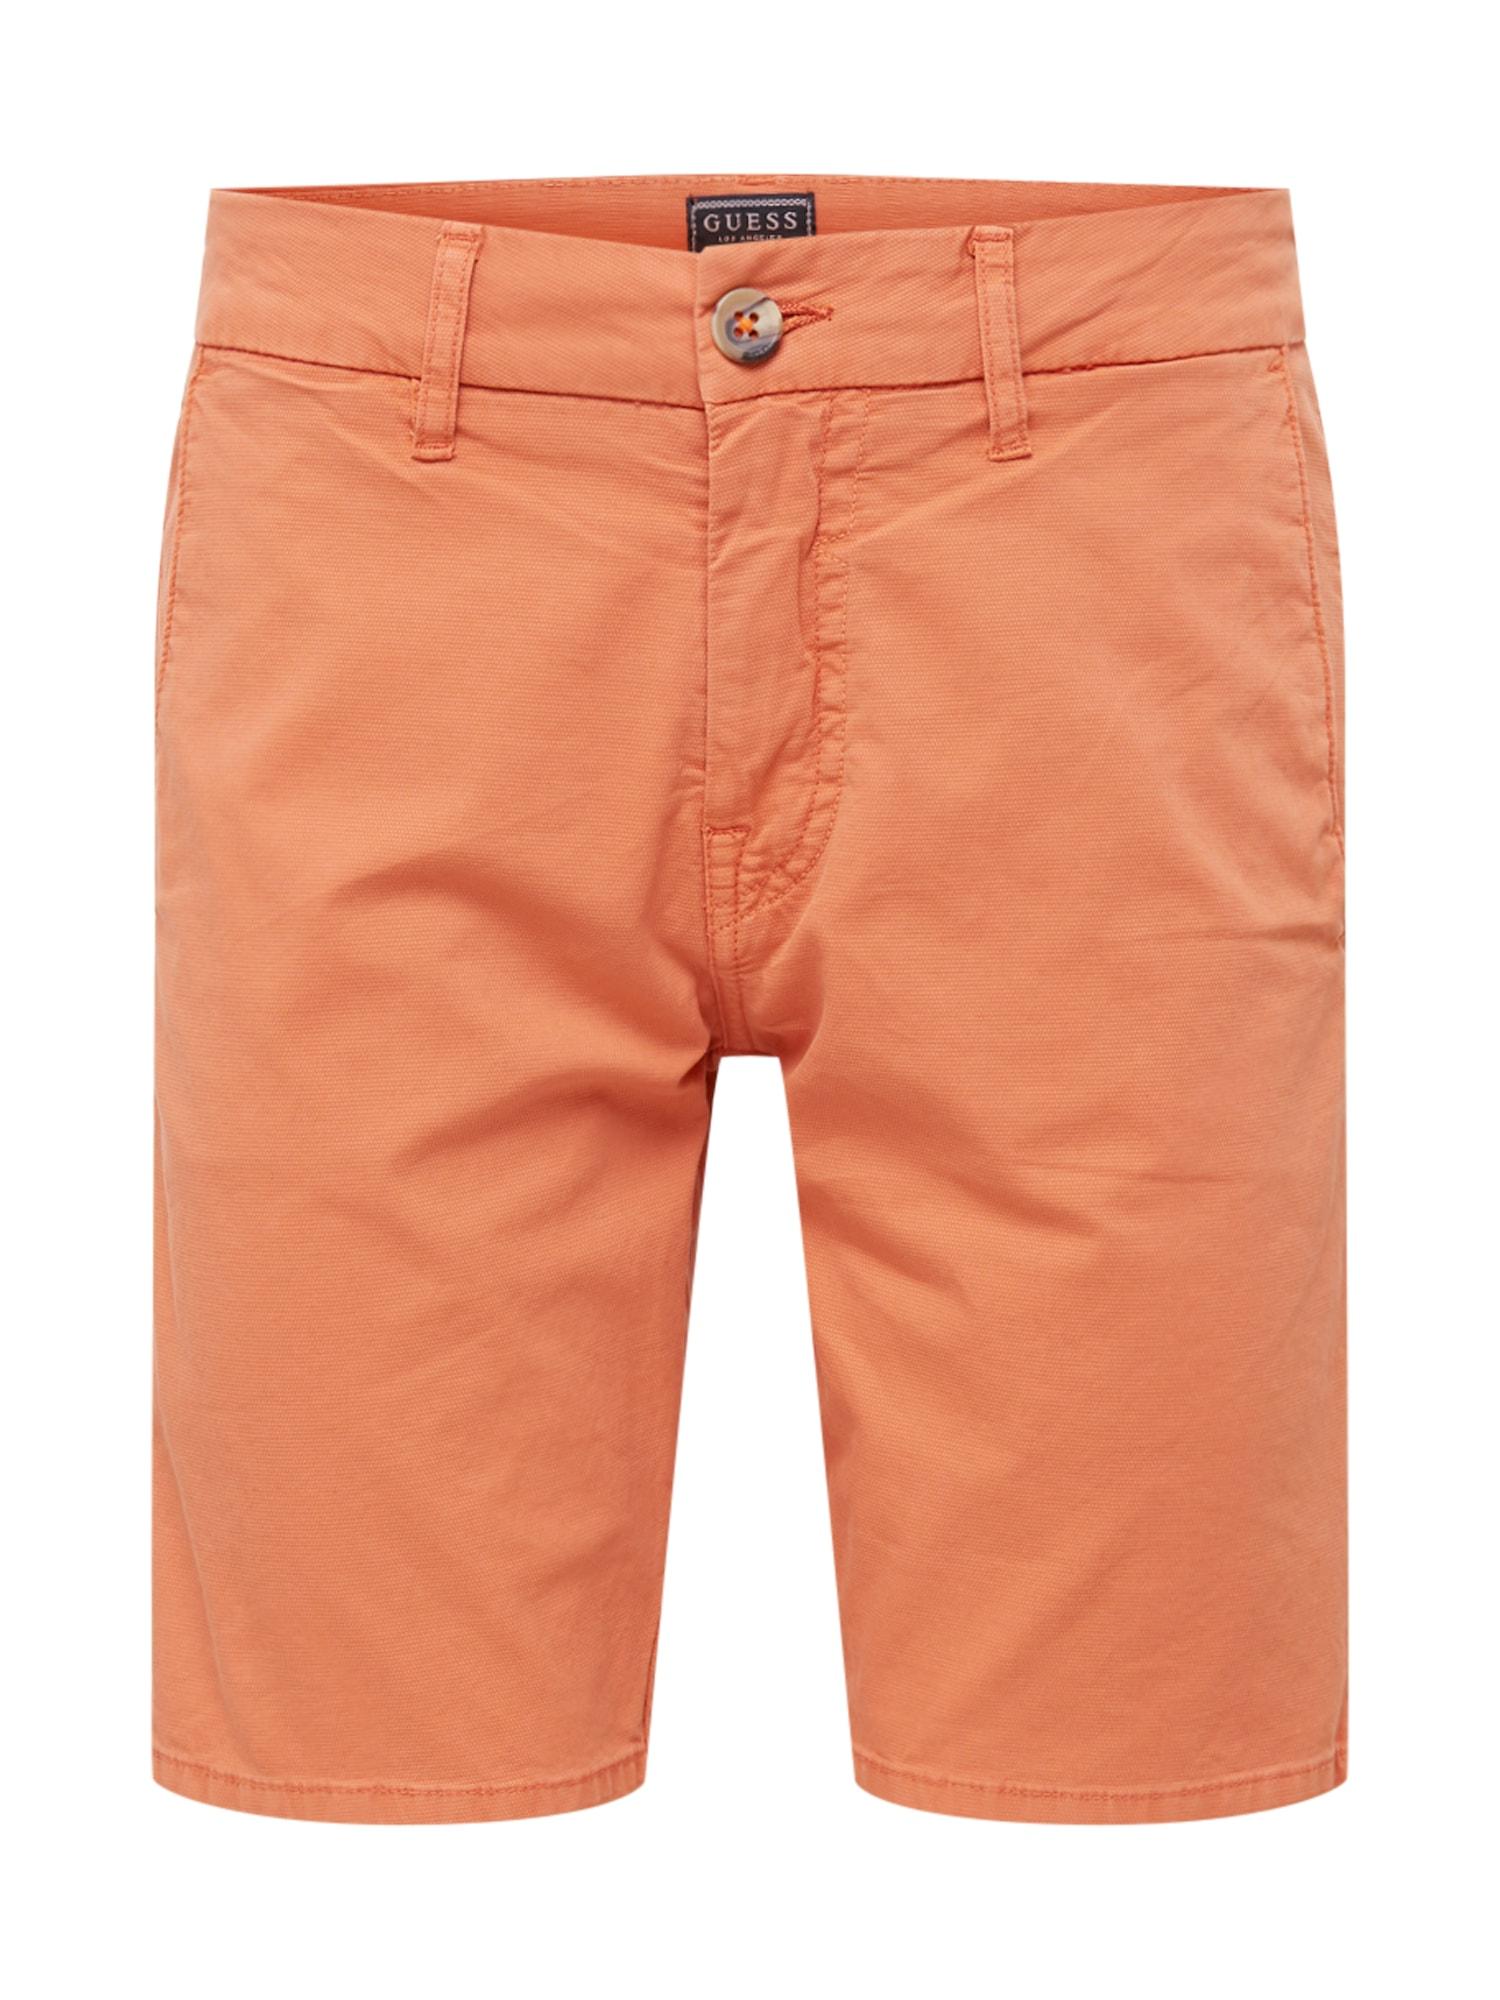 GUESS Chino stiliaus kelnės 'DANIEL' oranžinė-raudona